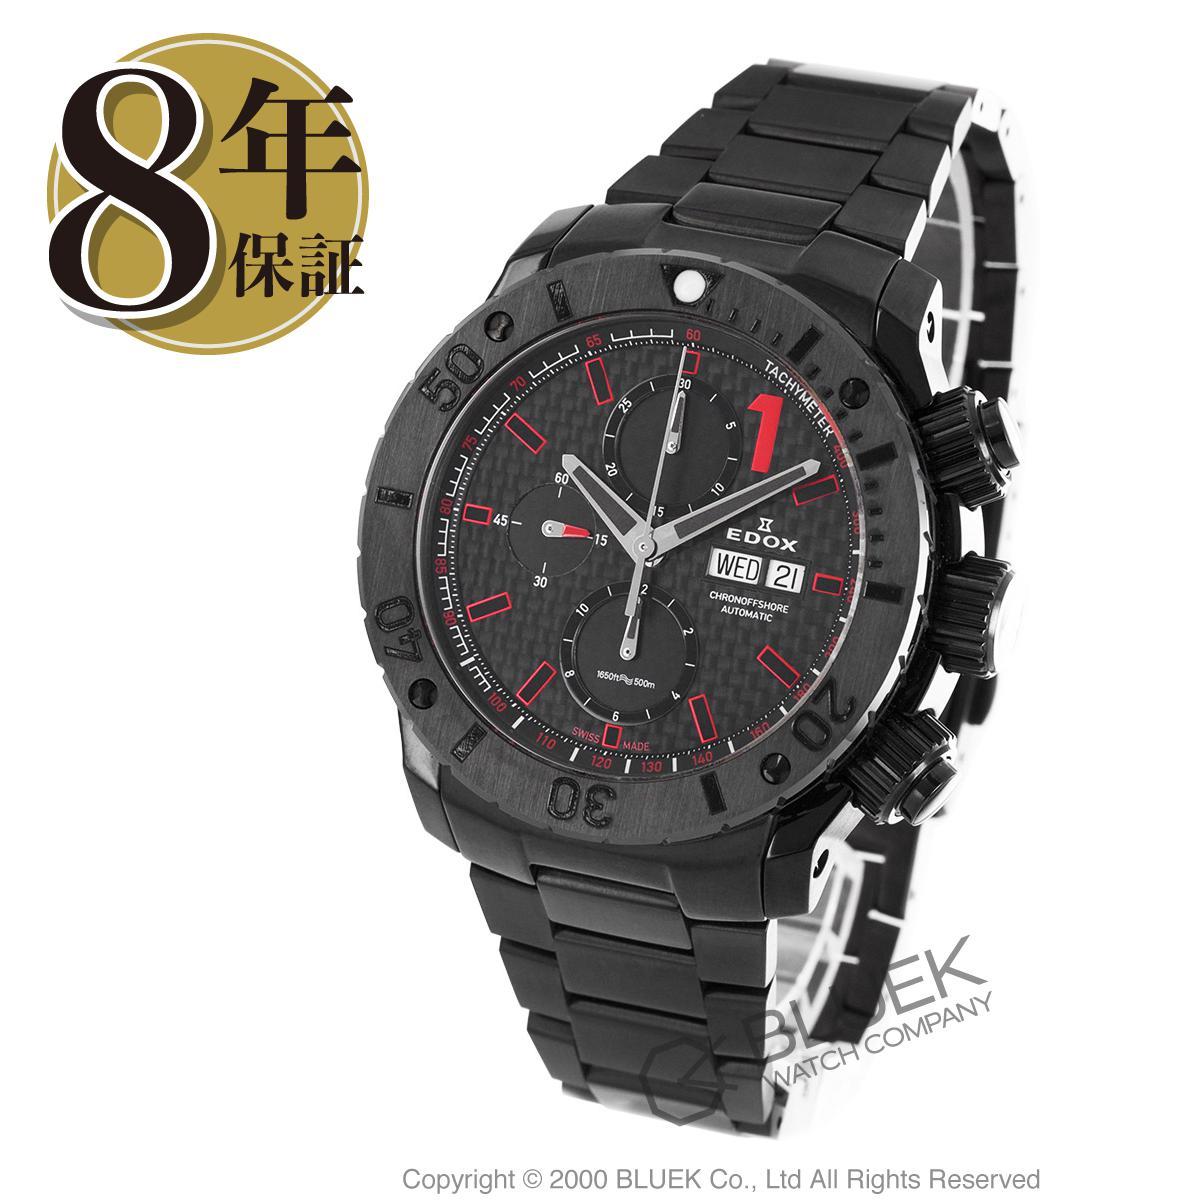 【最大3万円割引クーポン 11/01~】エドックス クロノオフショア1 クロノグラフ 500m防水 腕時計 メンズ EDOX 01115-37N-NRO_8